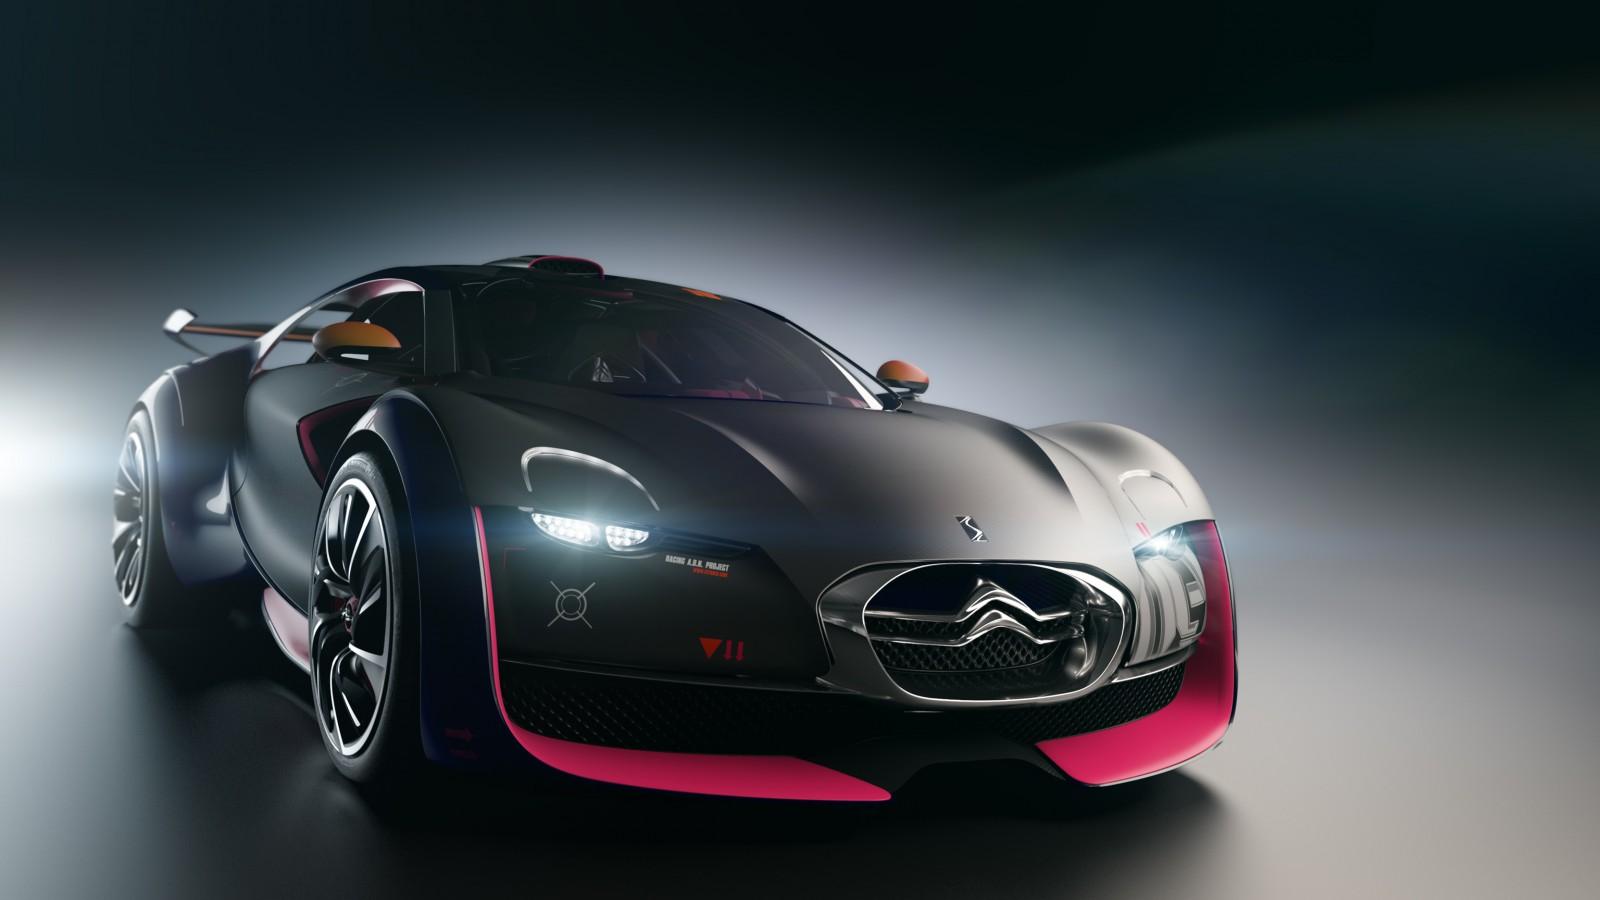 Concept Flashback - 2010 Citroen Survolt 50